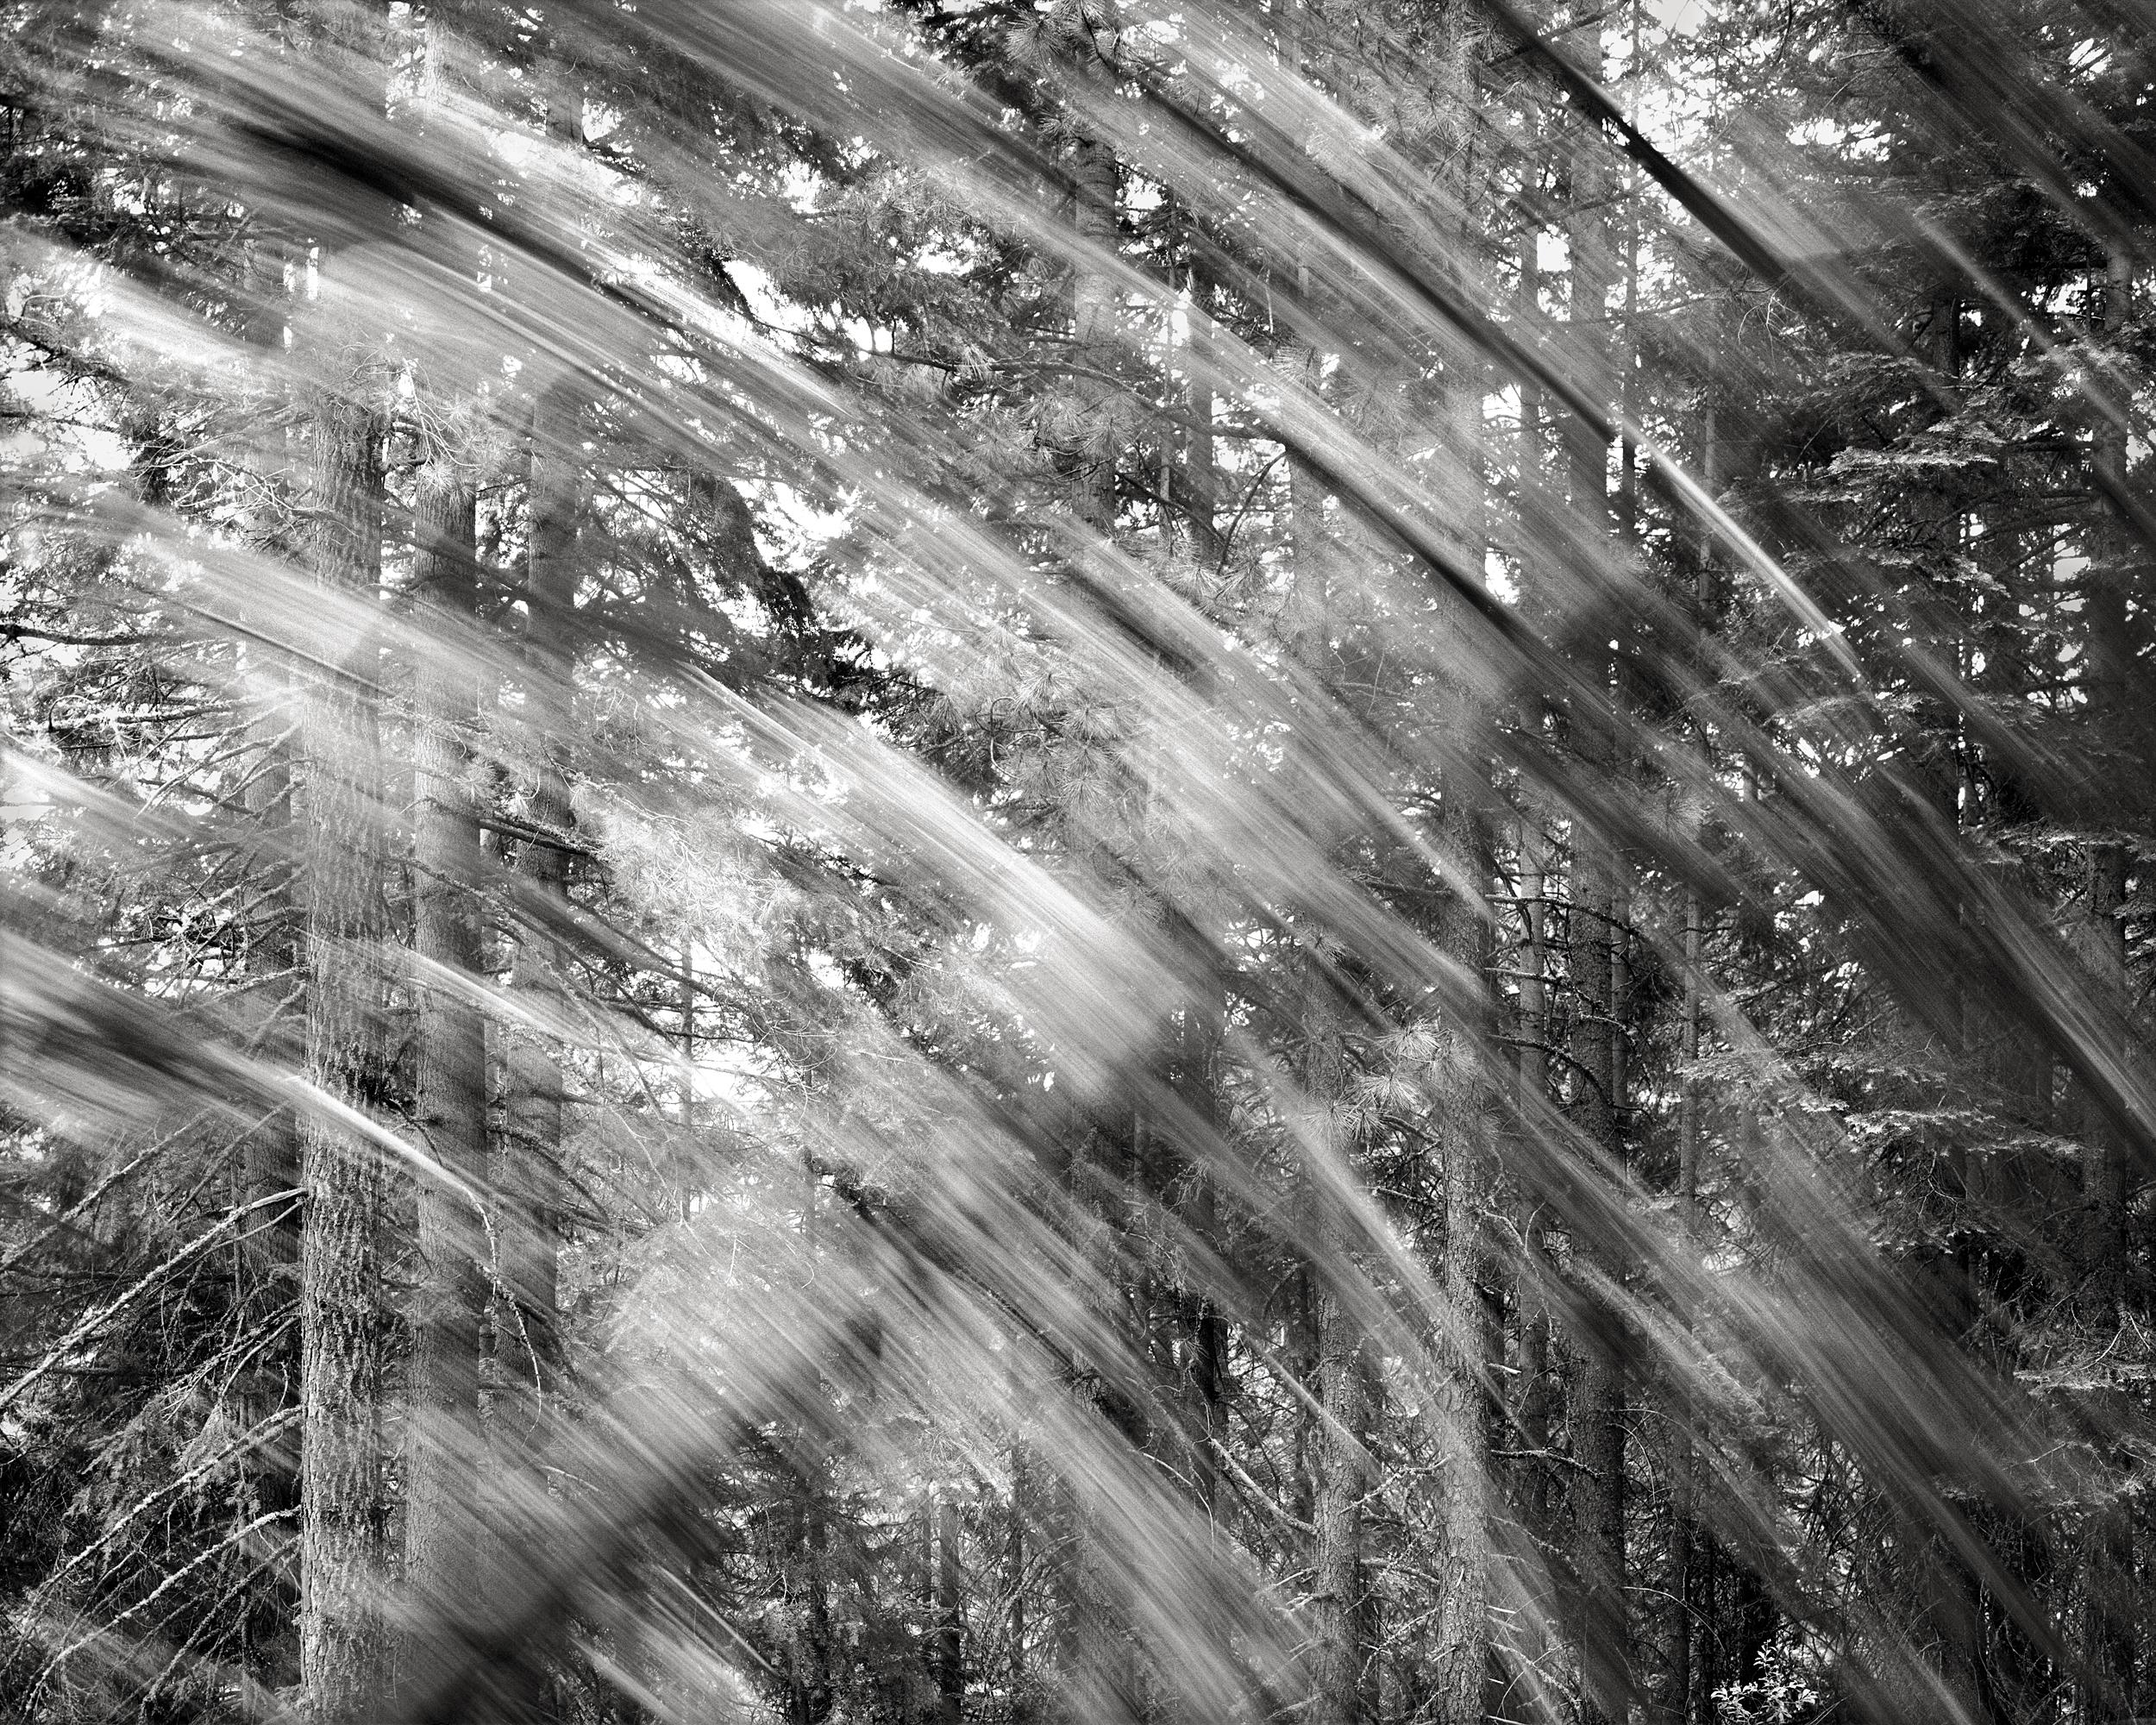 Falling Tree #4, 1989